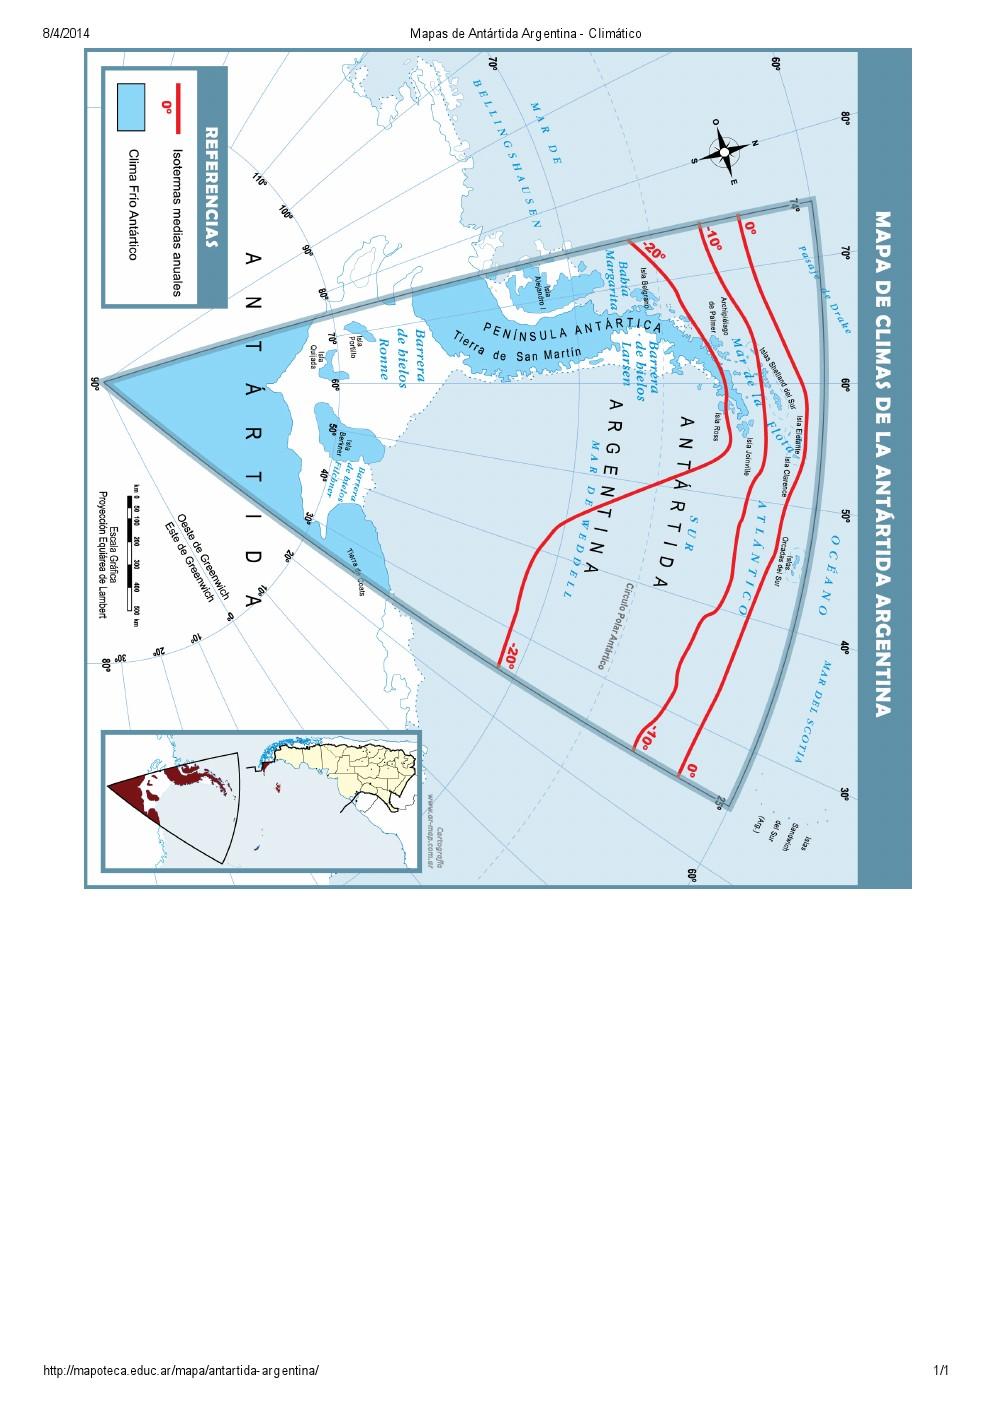 Mapa climático de la Antártida Argentina. Mapoteca de Educ.ar